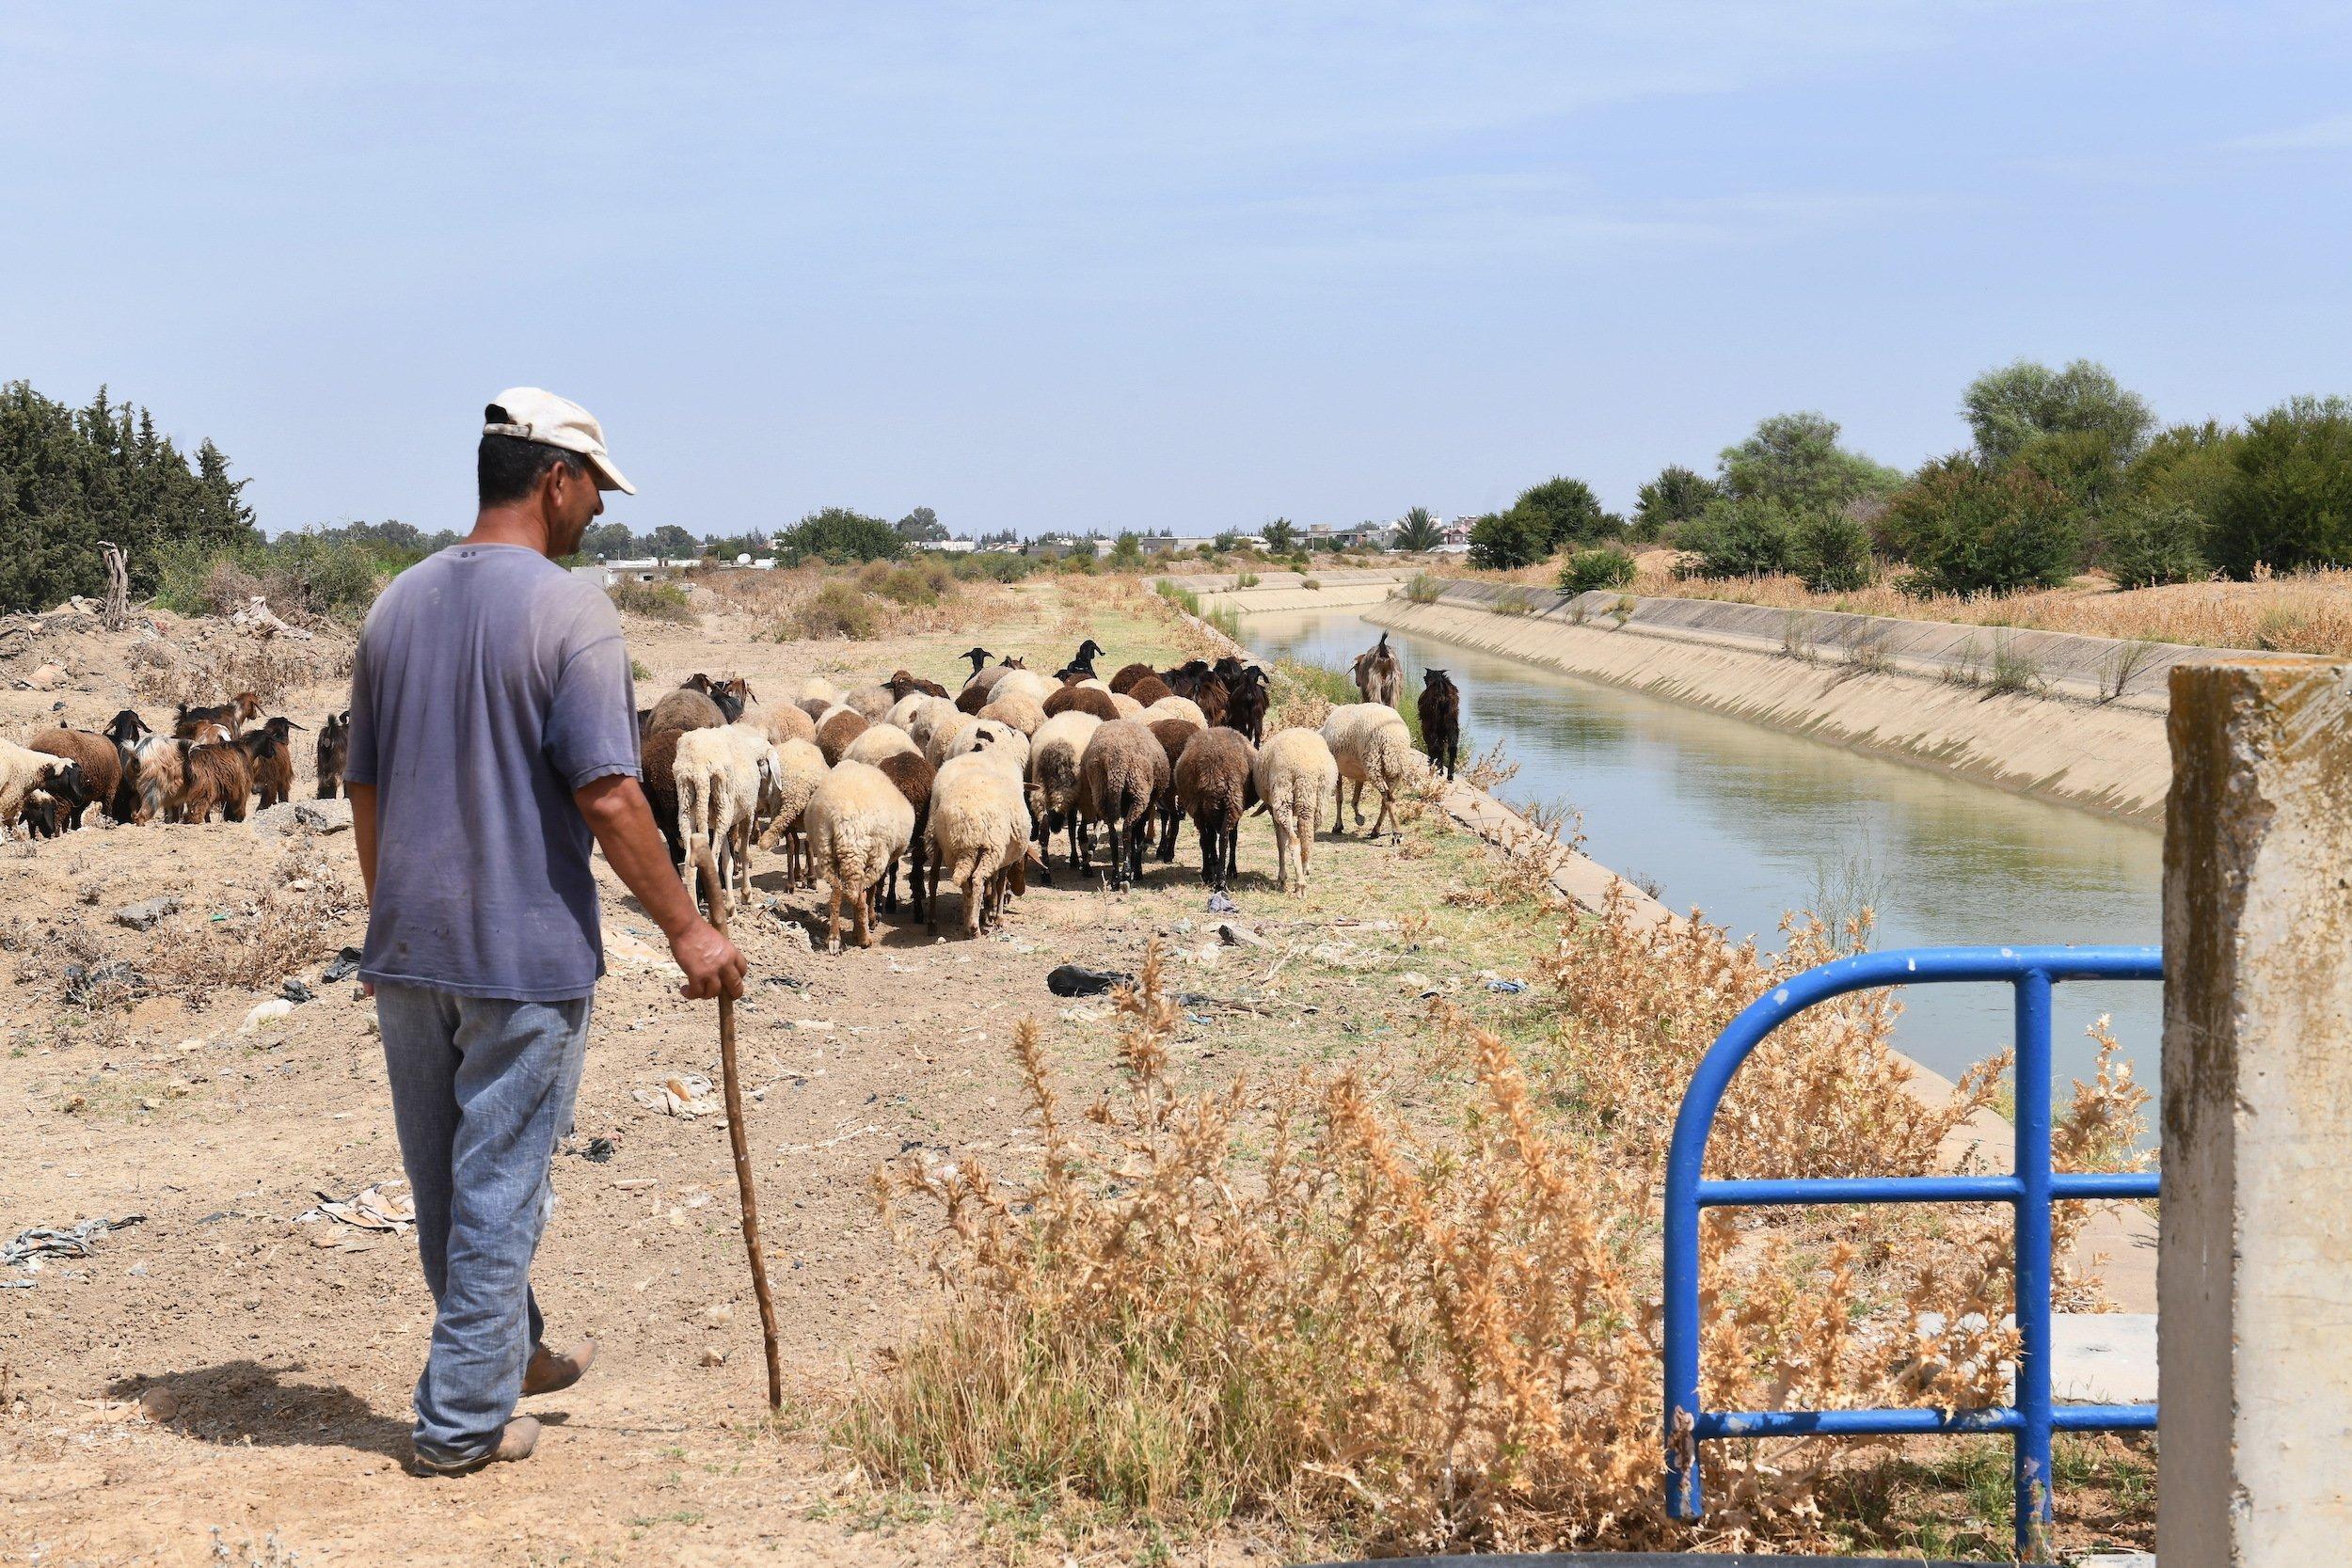 Hirte mit Schafherde in Rückenansicht am Rande eines Kanals